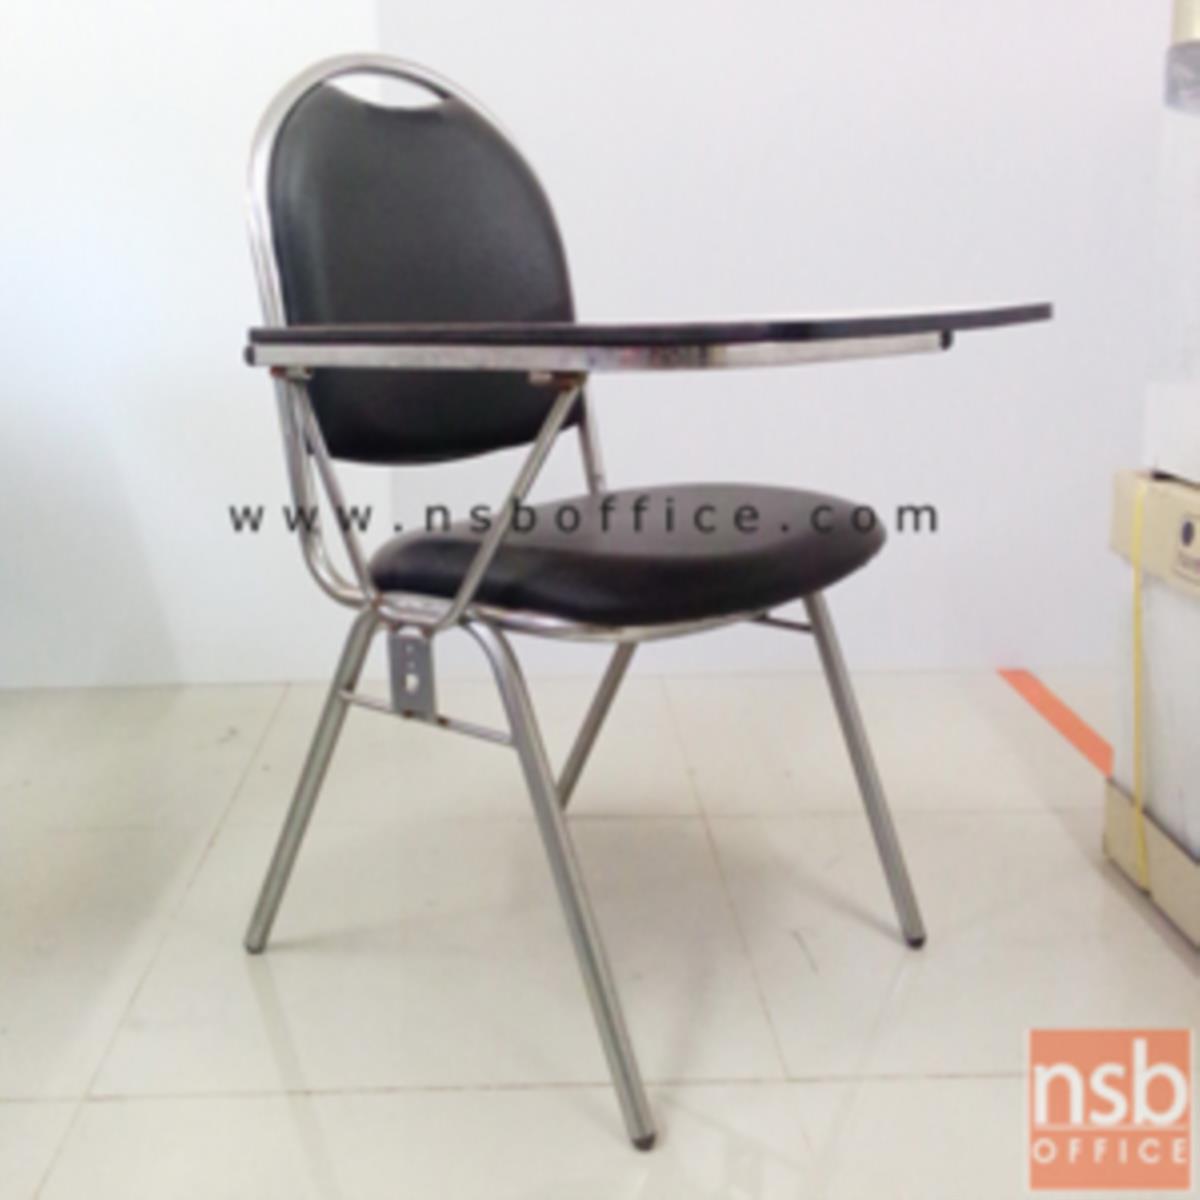 B07A001:เก้าอี้เลคเชอร์หุ้มหนังเทียม (PVC) รุ่น CL-100 ขาเหล็กชุบโครเมี่ยมและขาเหล็กพ่นดำ